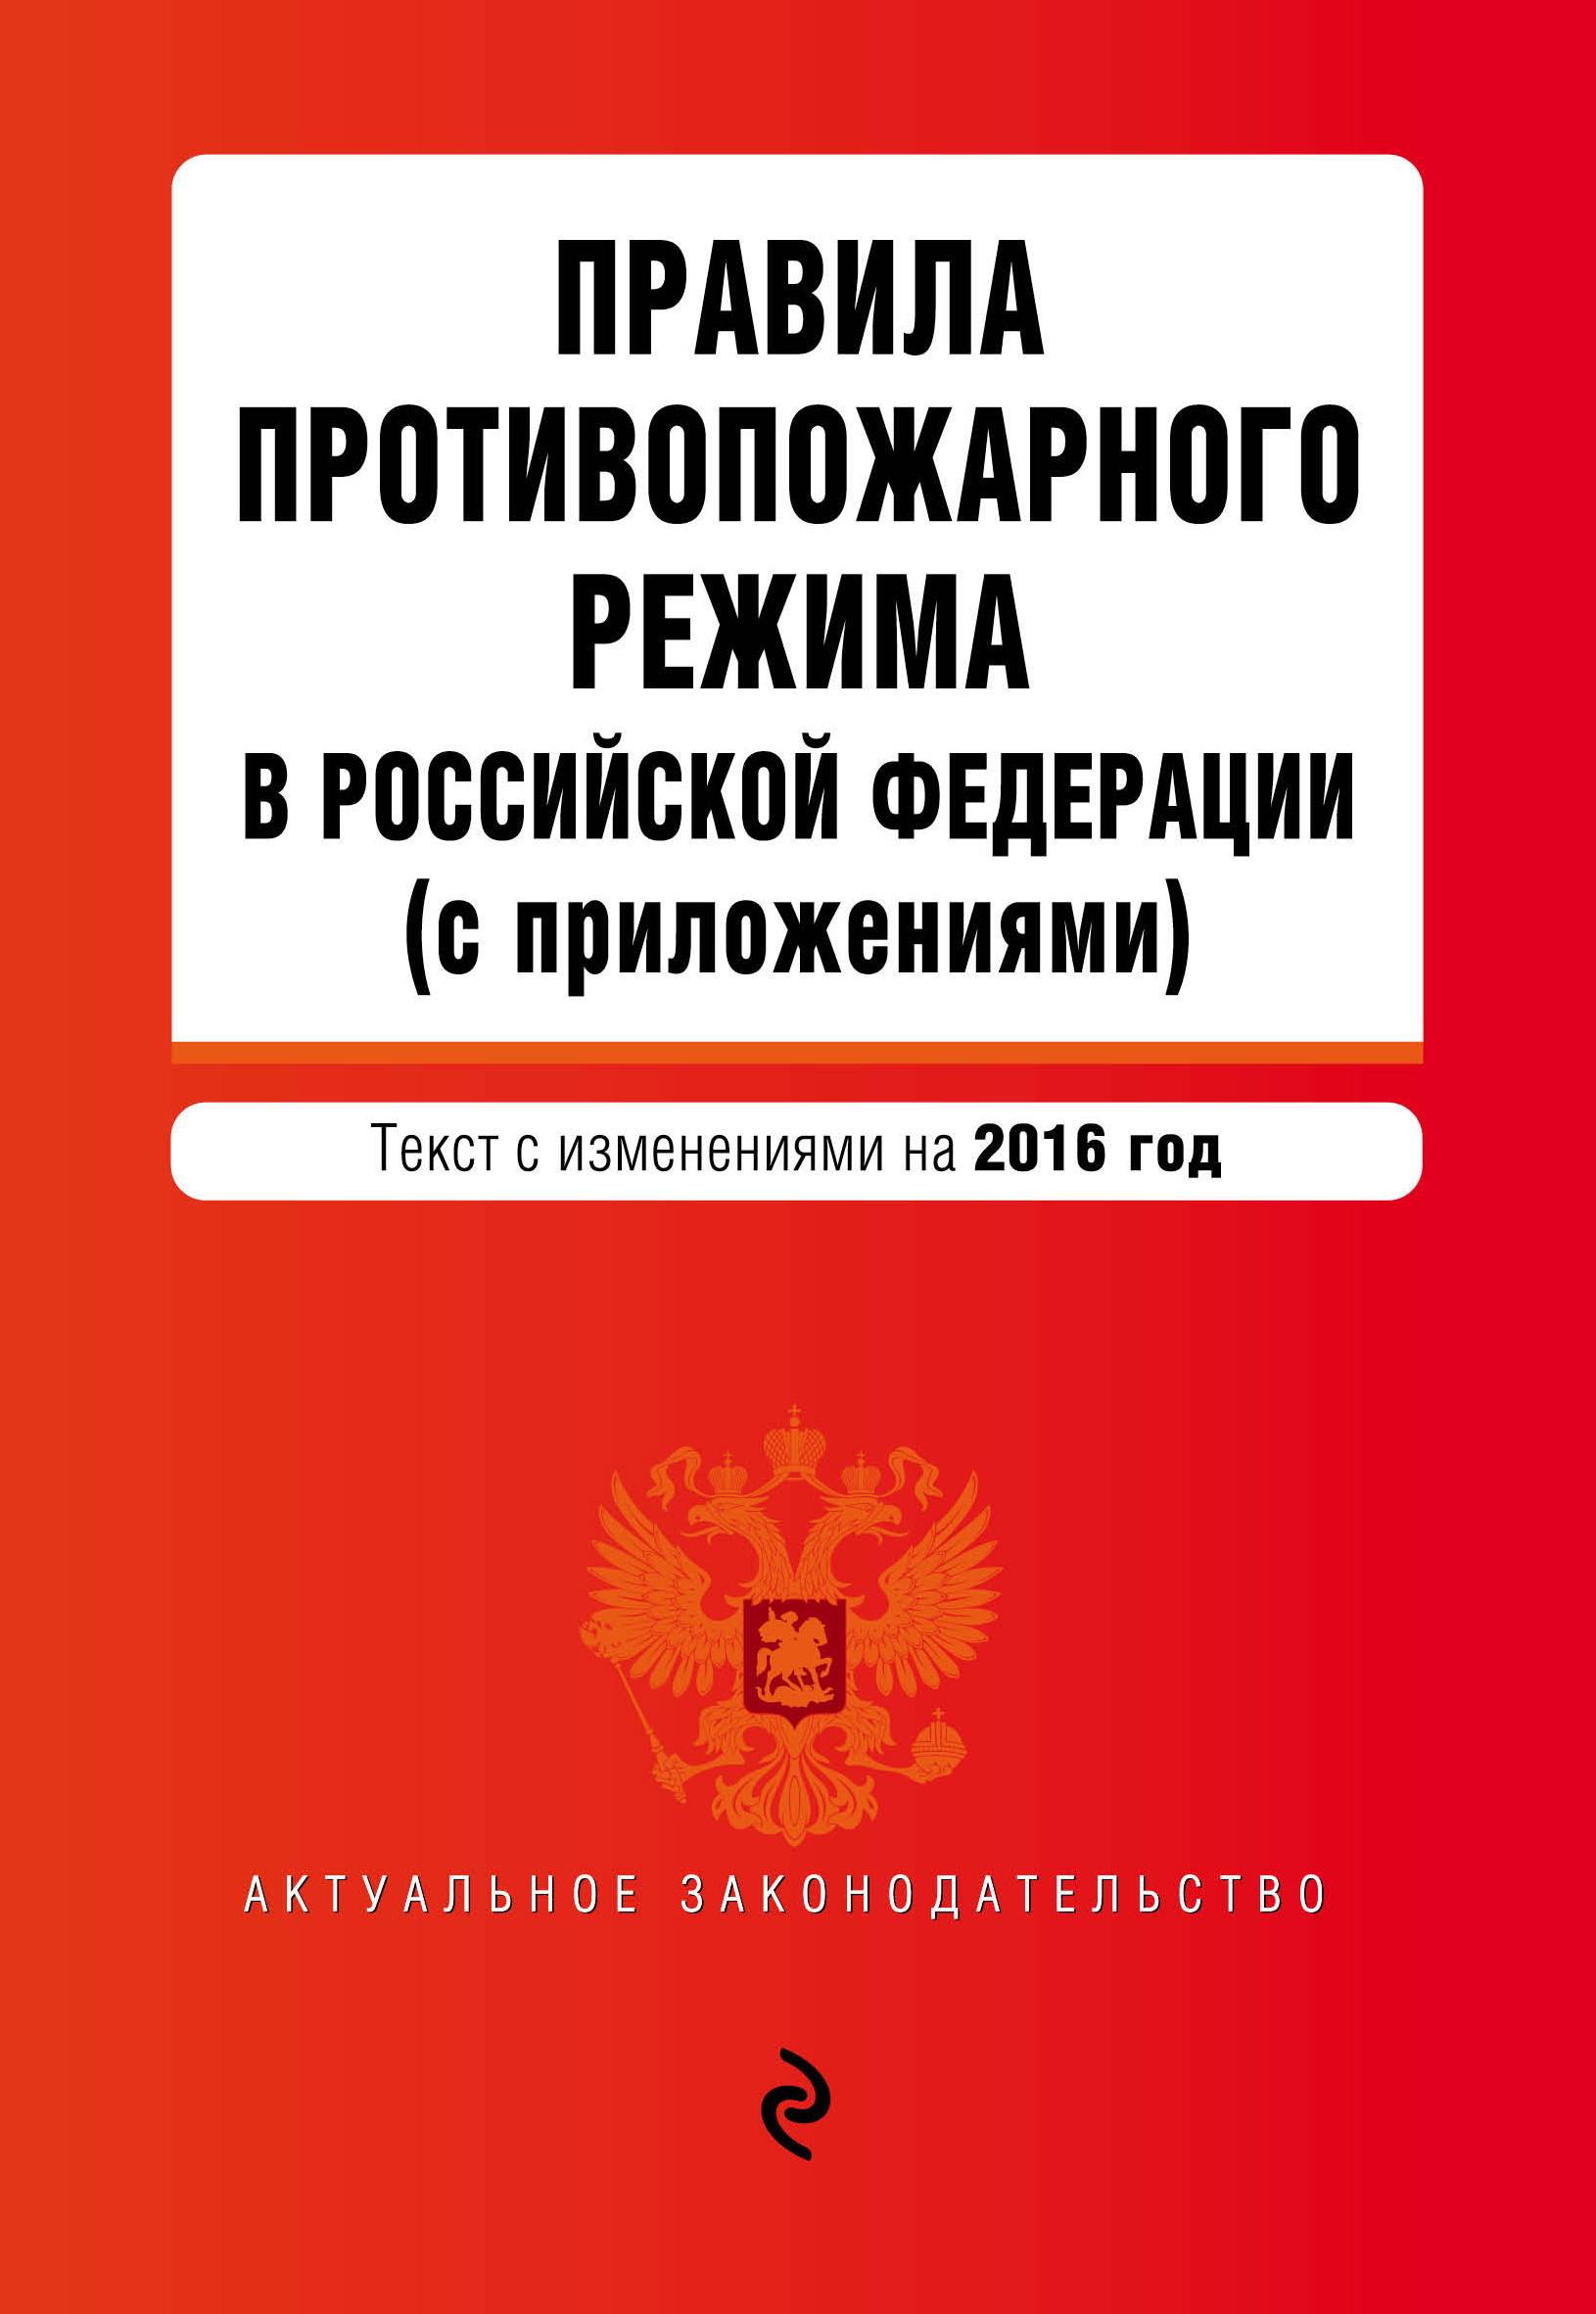 Правила противопожарного режима в Российской Федерации (с приложениями): текст с изменениями на 2016 г.